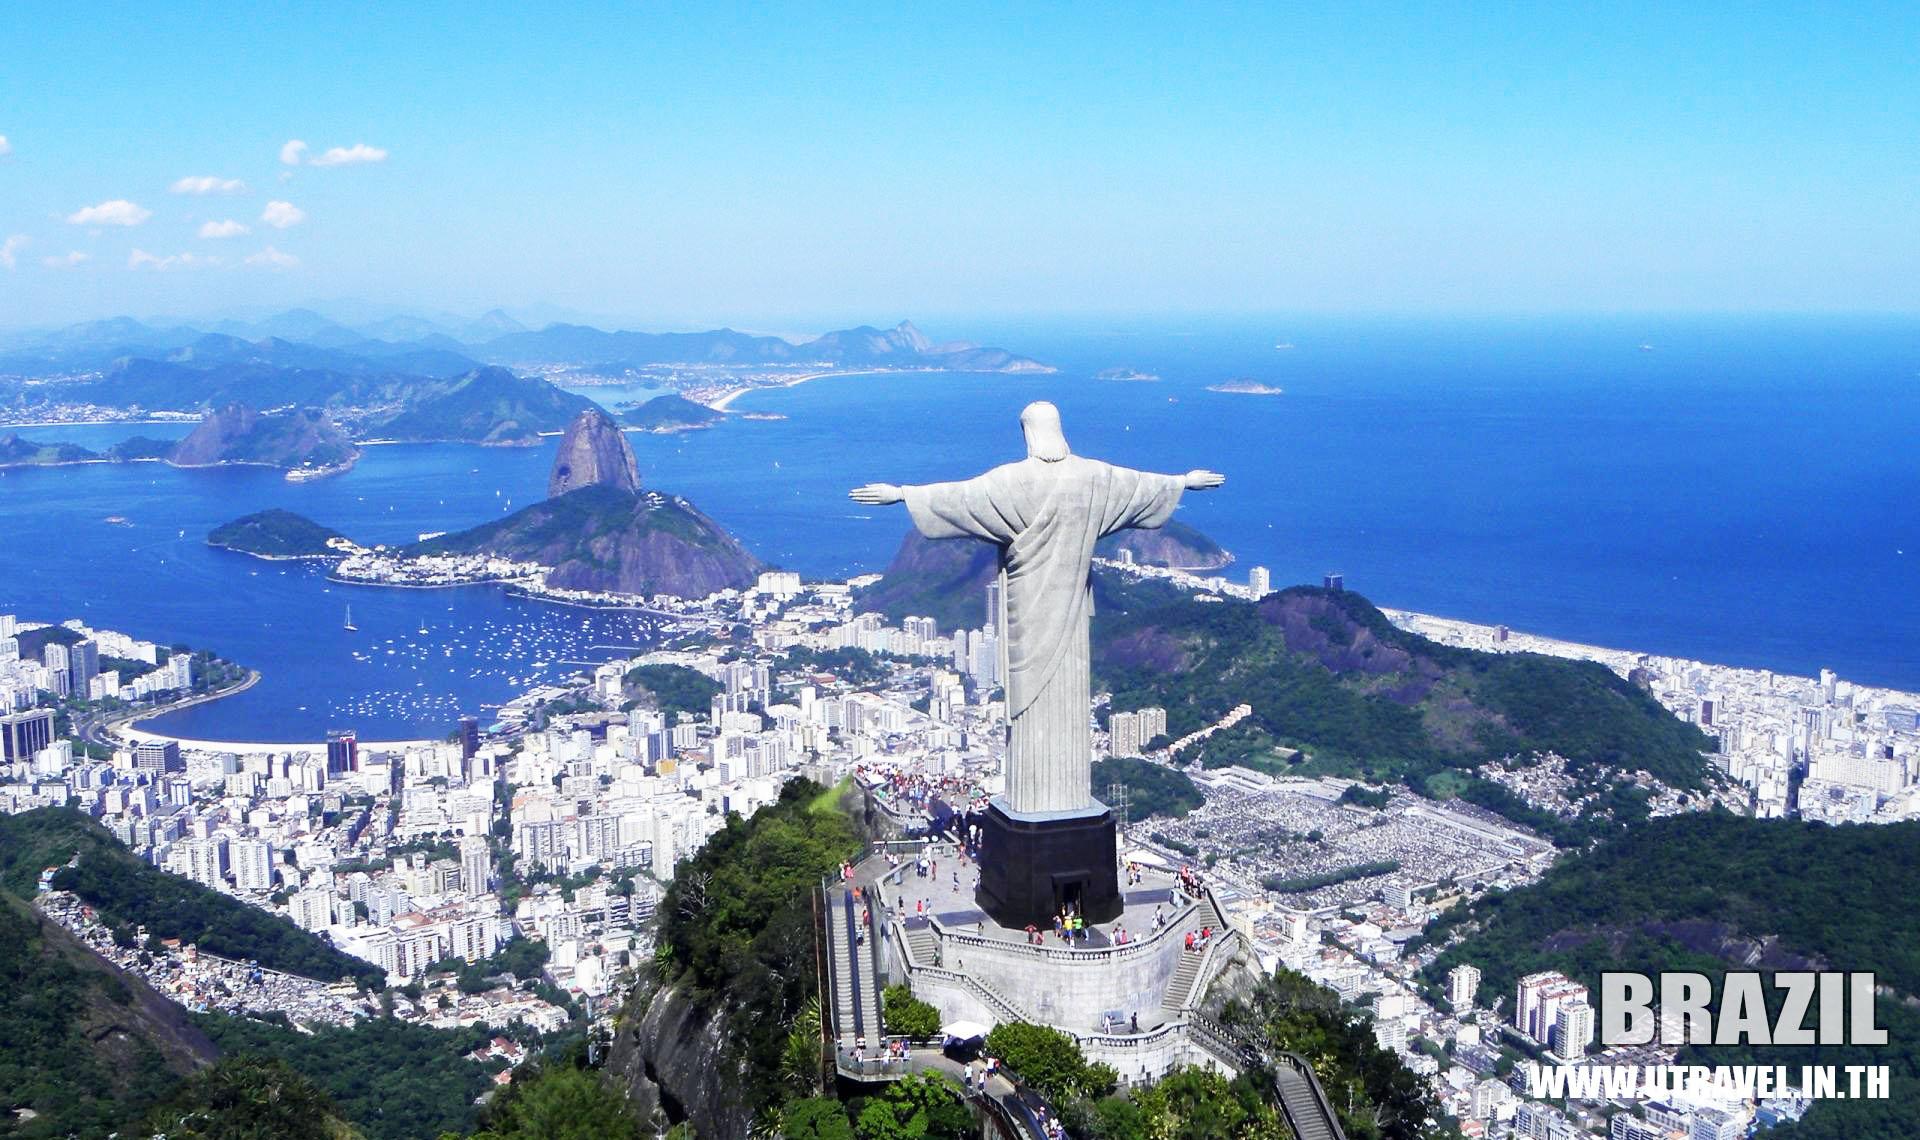 ทัวร์บราซิล เปรู  มหัศจรรย์  10 วัน 6 คืน